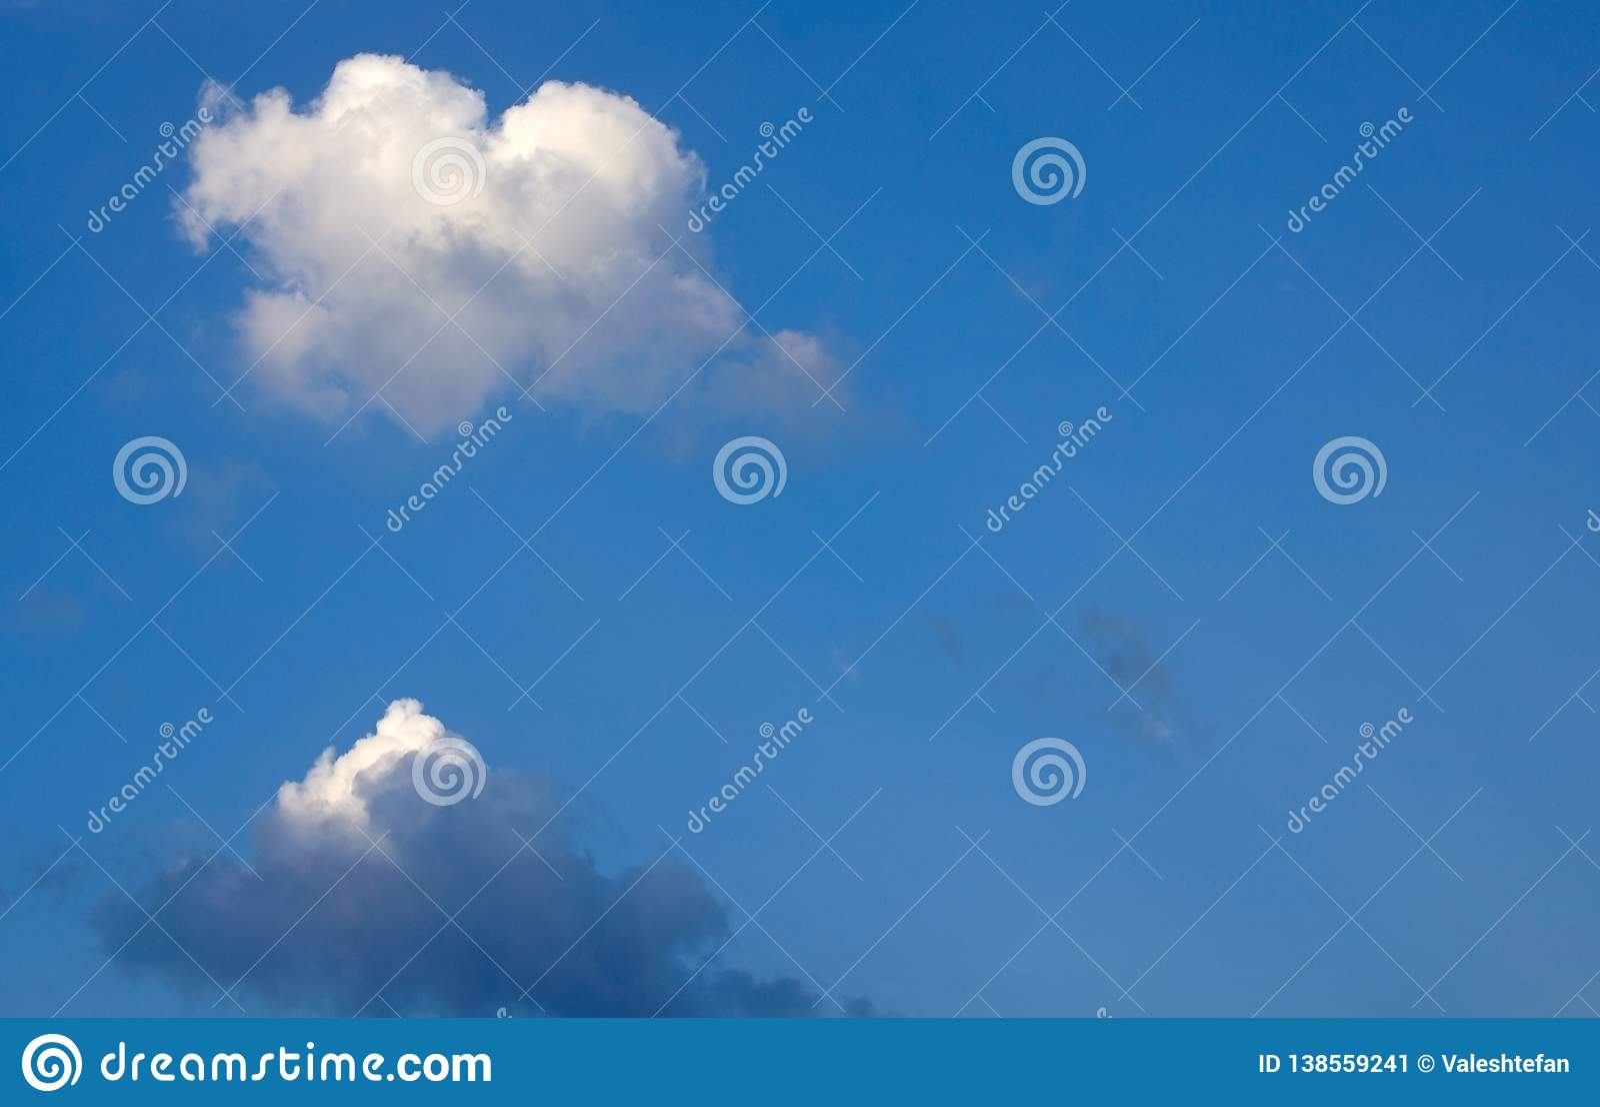 Coração real nuvem dada forma